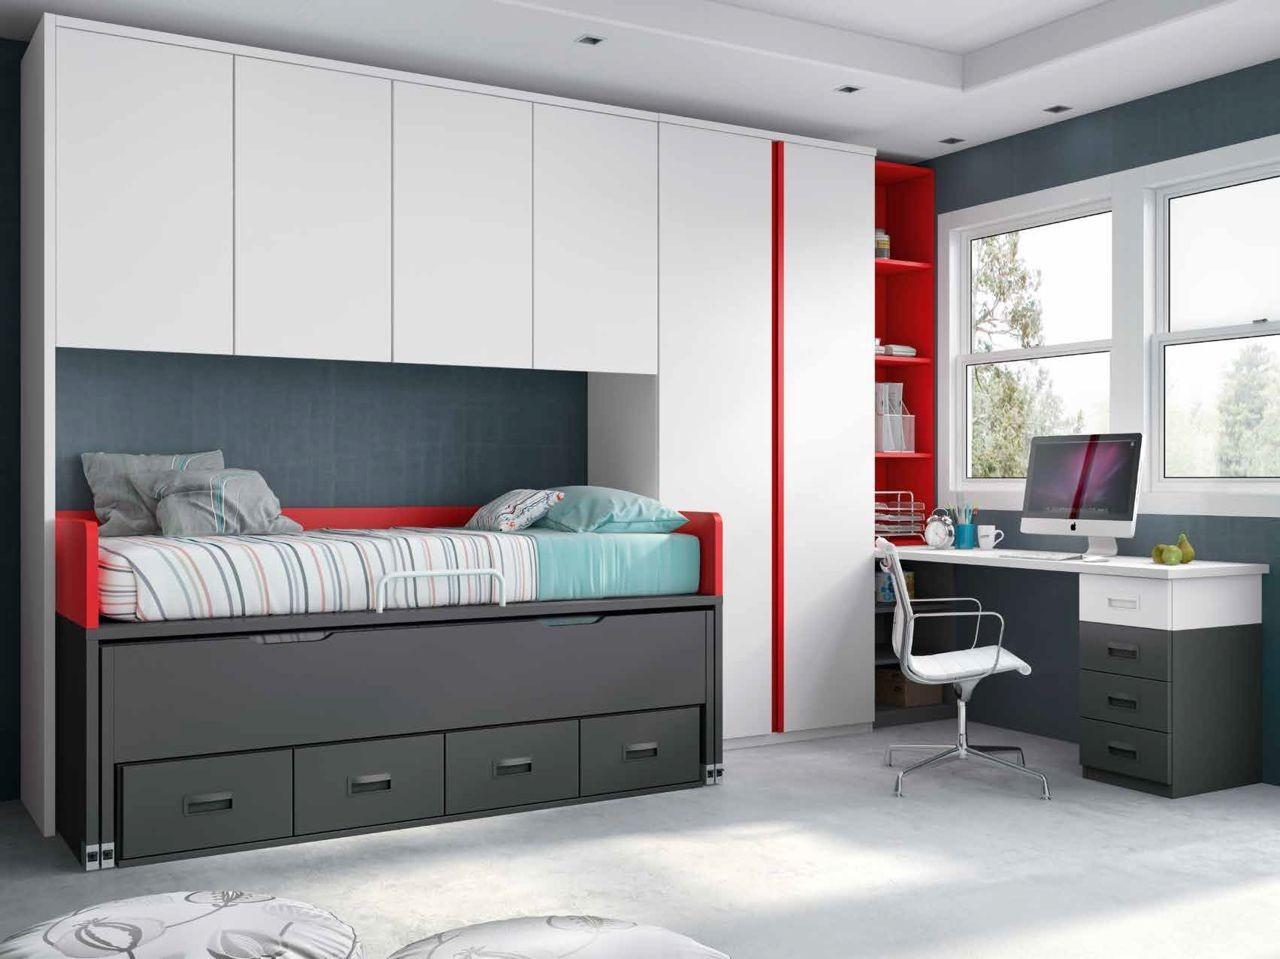 Dormitorio juvenil en color blanco pizarra y rojo con